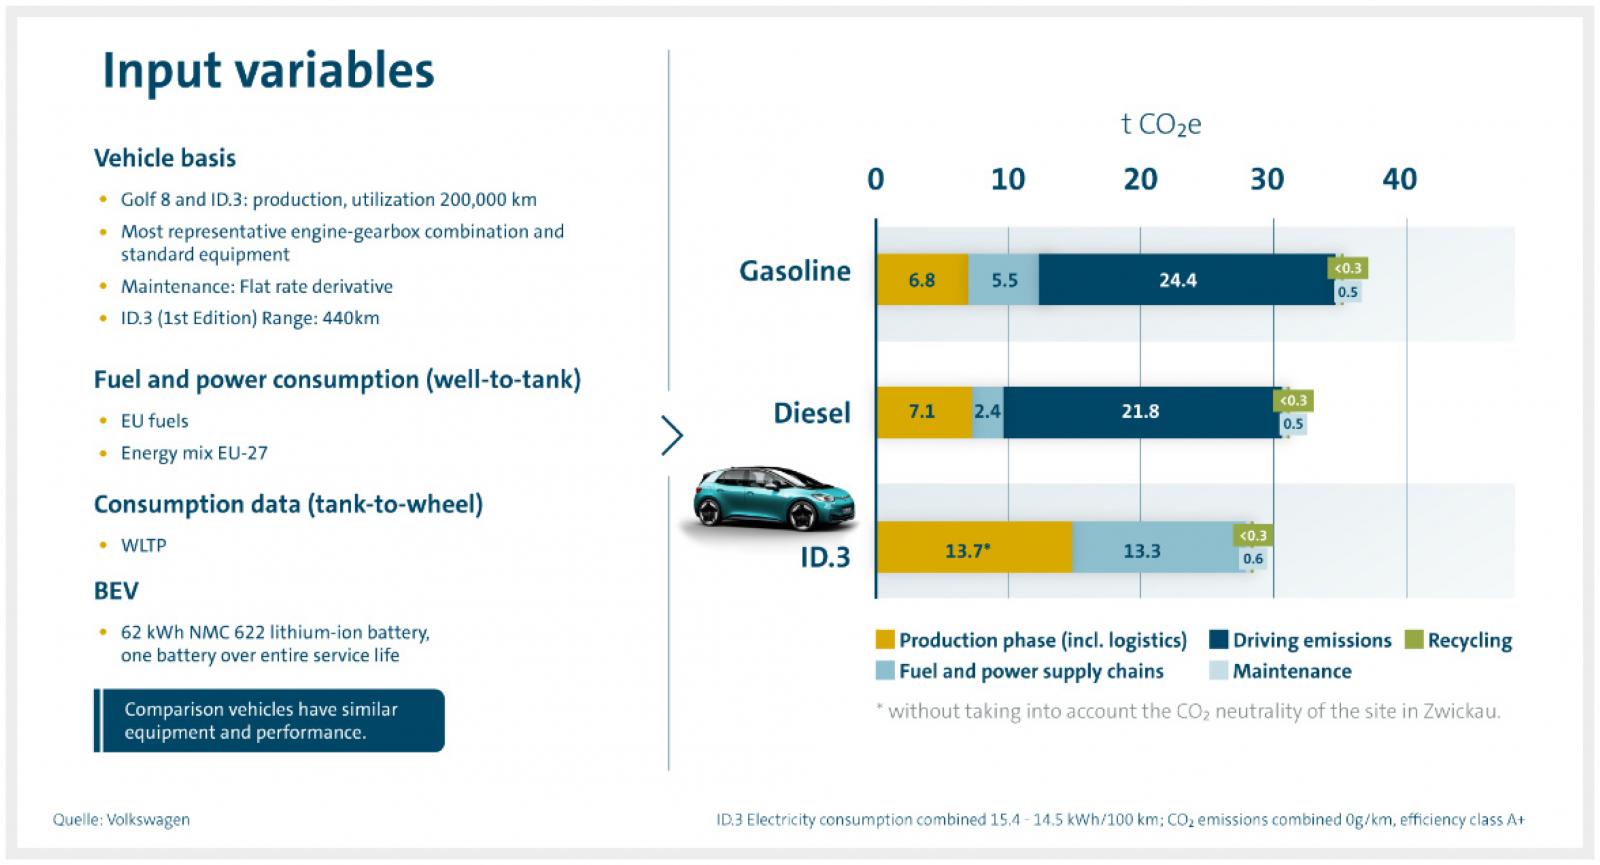 Så här ser Volkswagens egna siffror ut när det gäller utsläpp från olika biltyper.